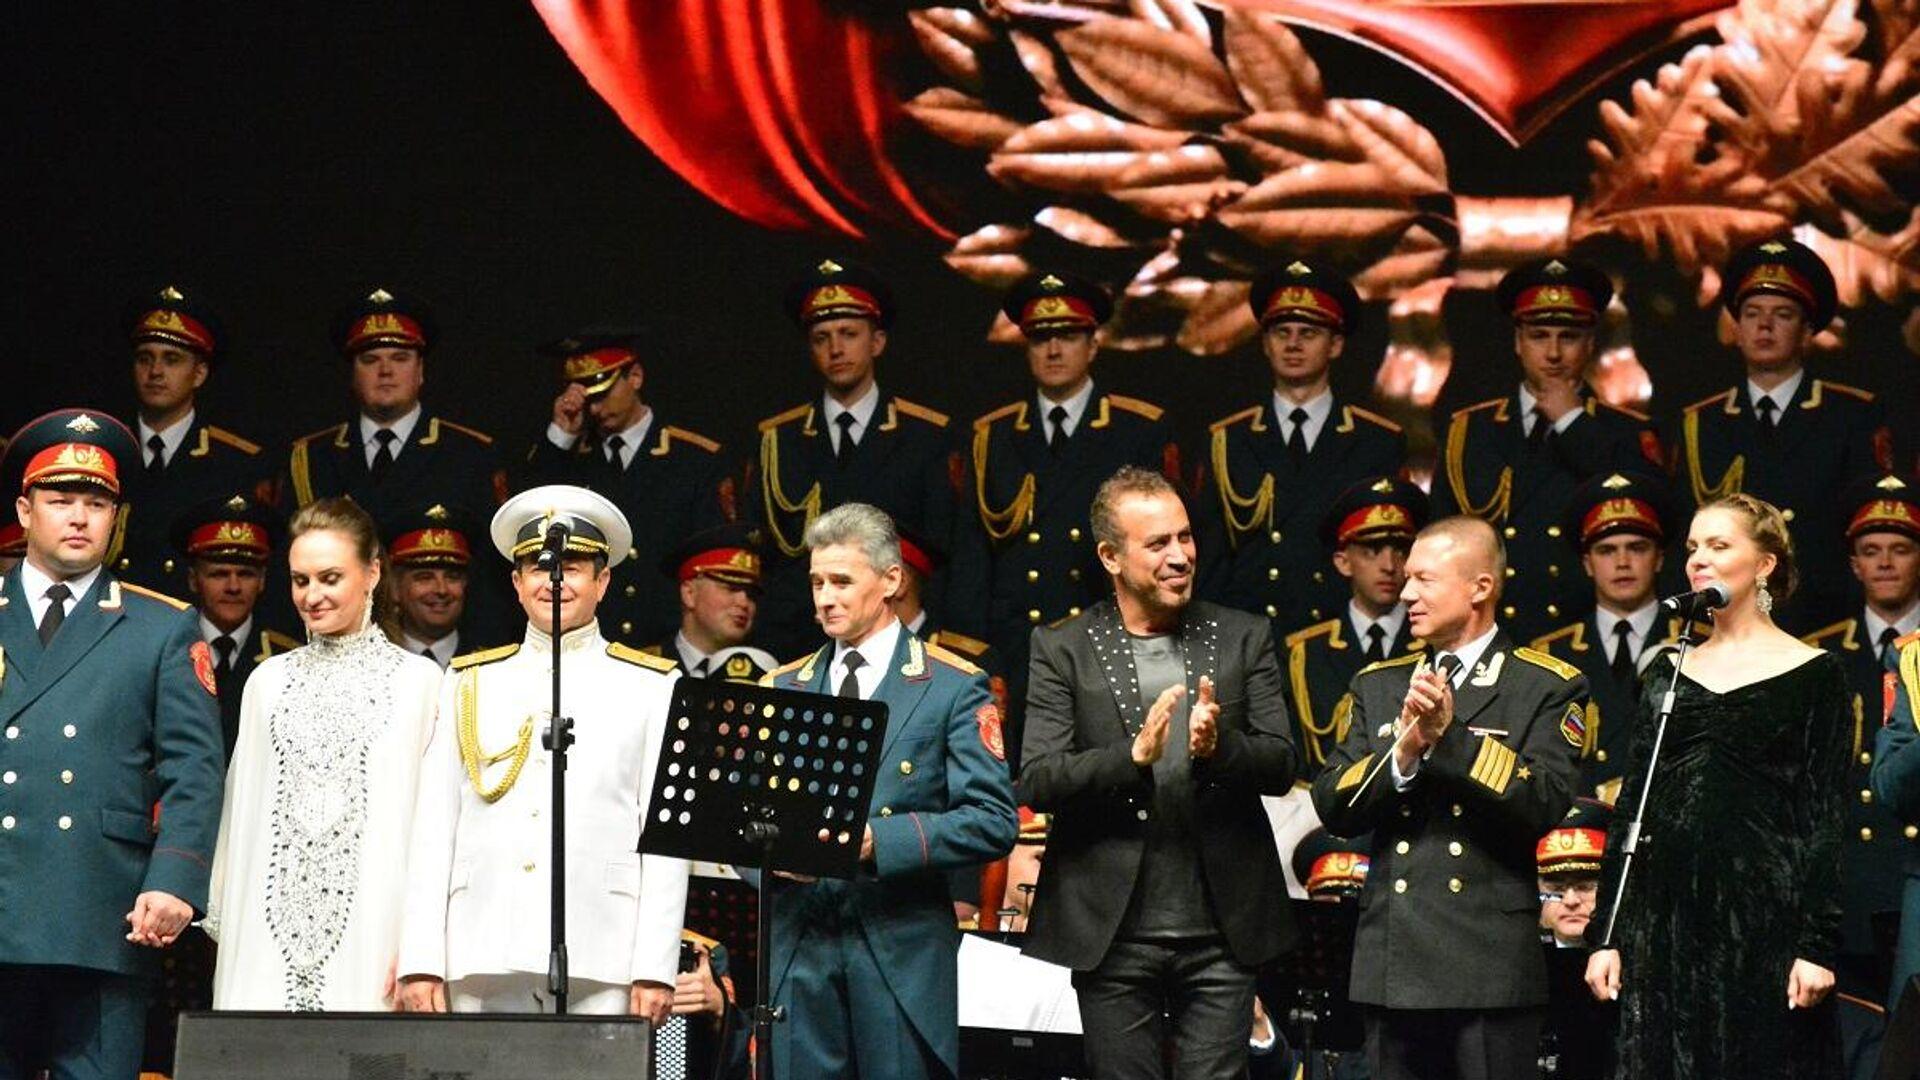 Haluk Levent, Rus Kızıl Ordu Korosu ile İstanbul'da konser verdi  - Sputnik Türkiye, 1920, 27.09.2021